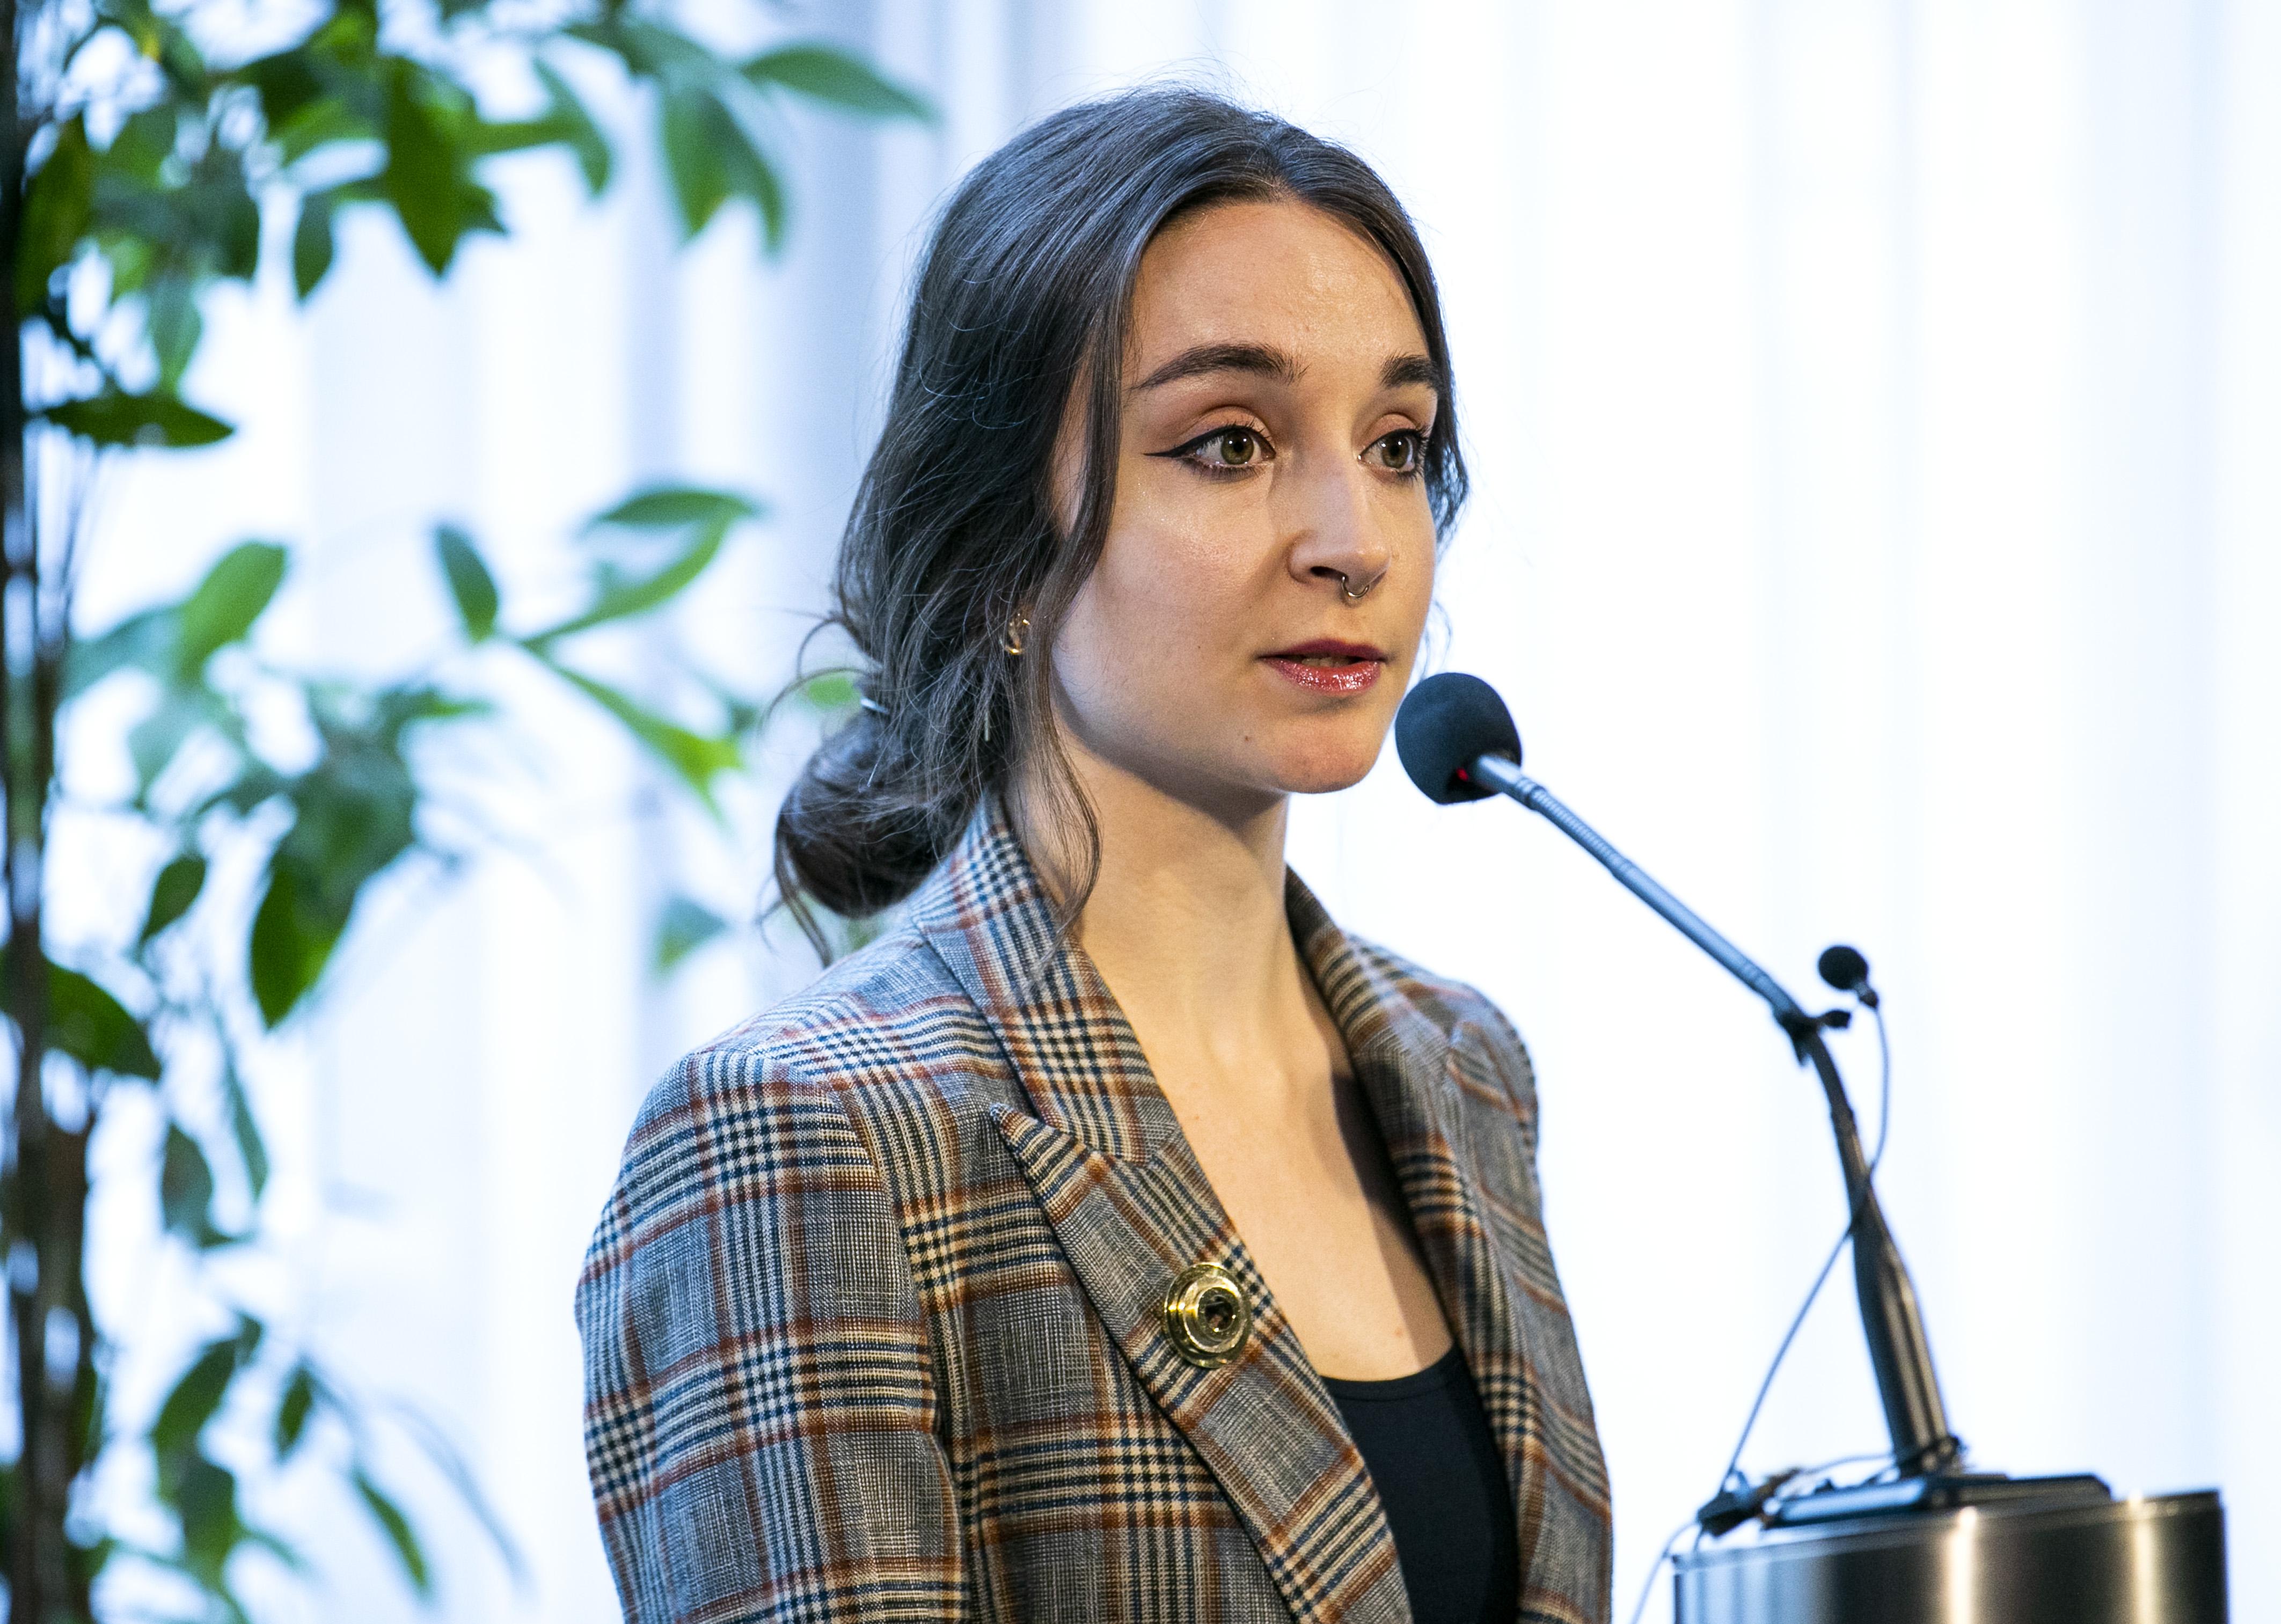 Een foto van Quirine Lengkeek van SekswerkExpertise